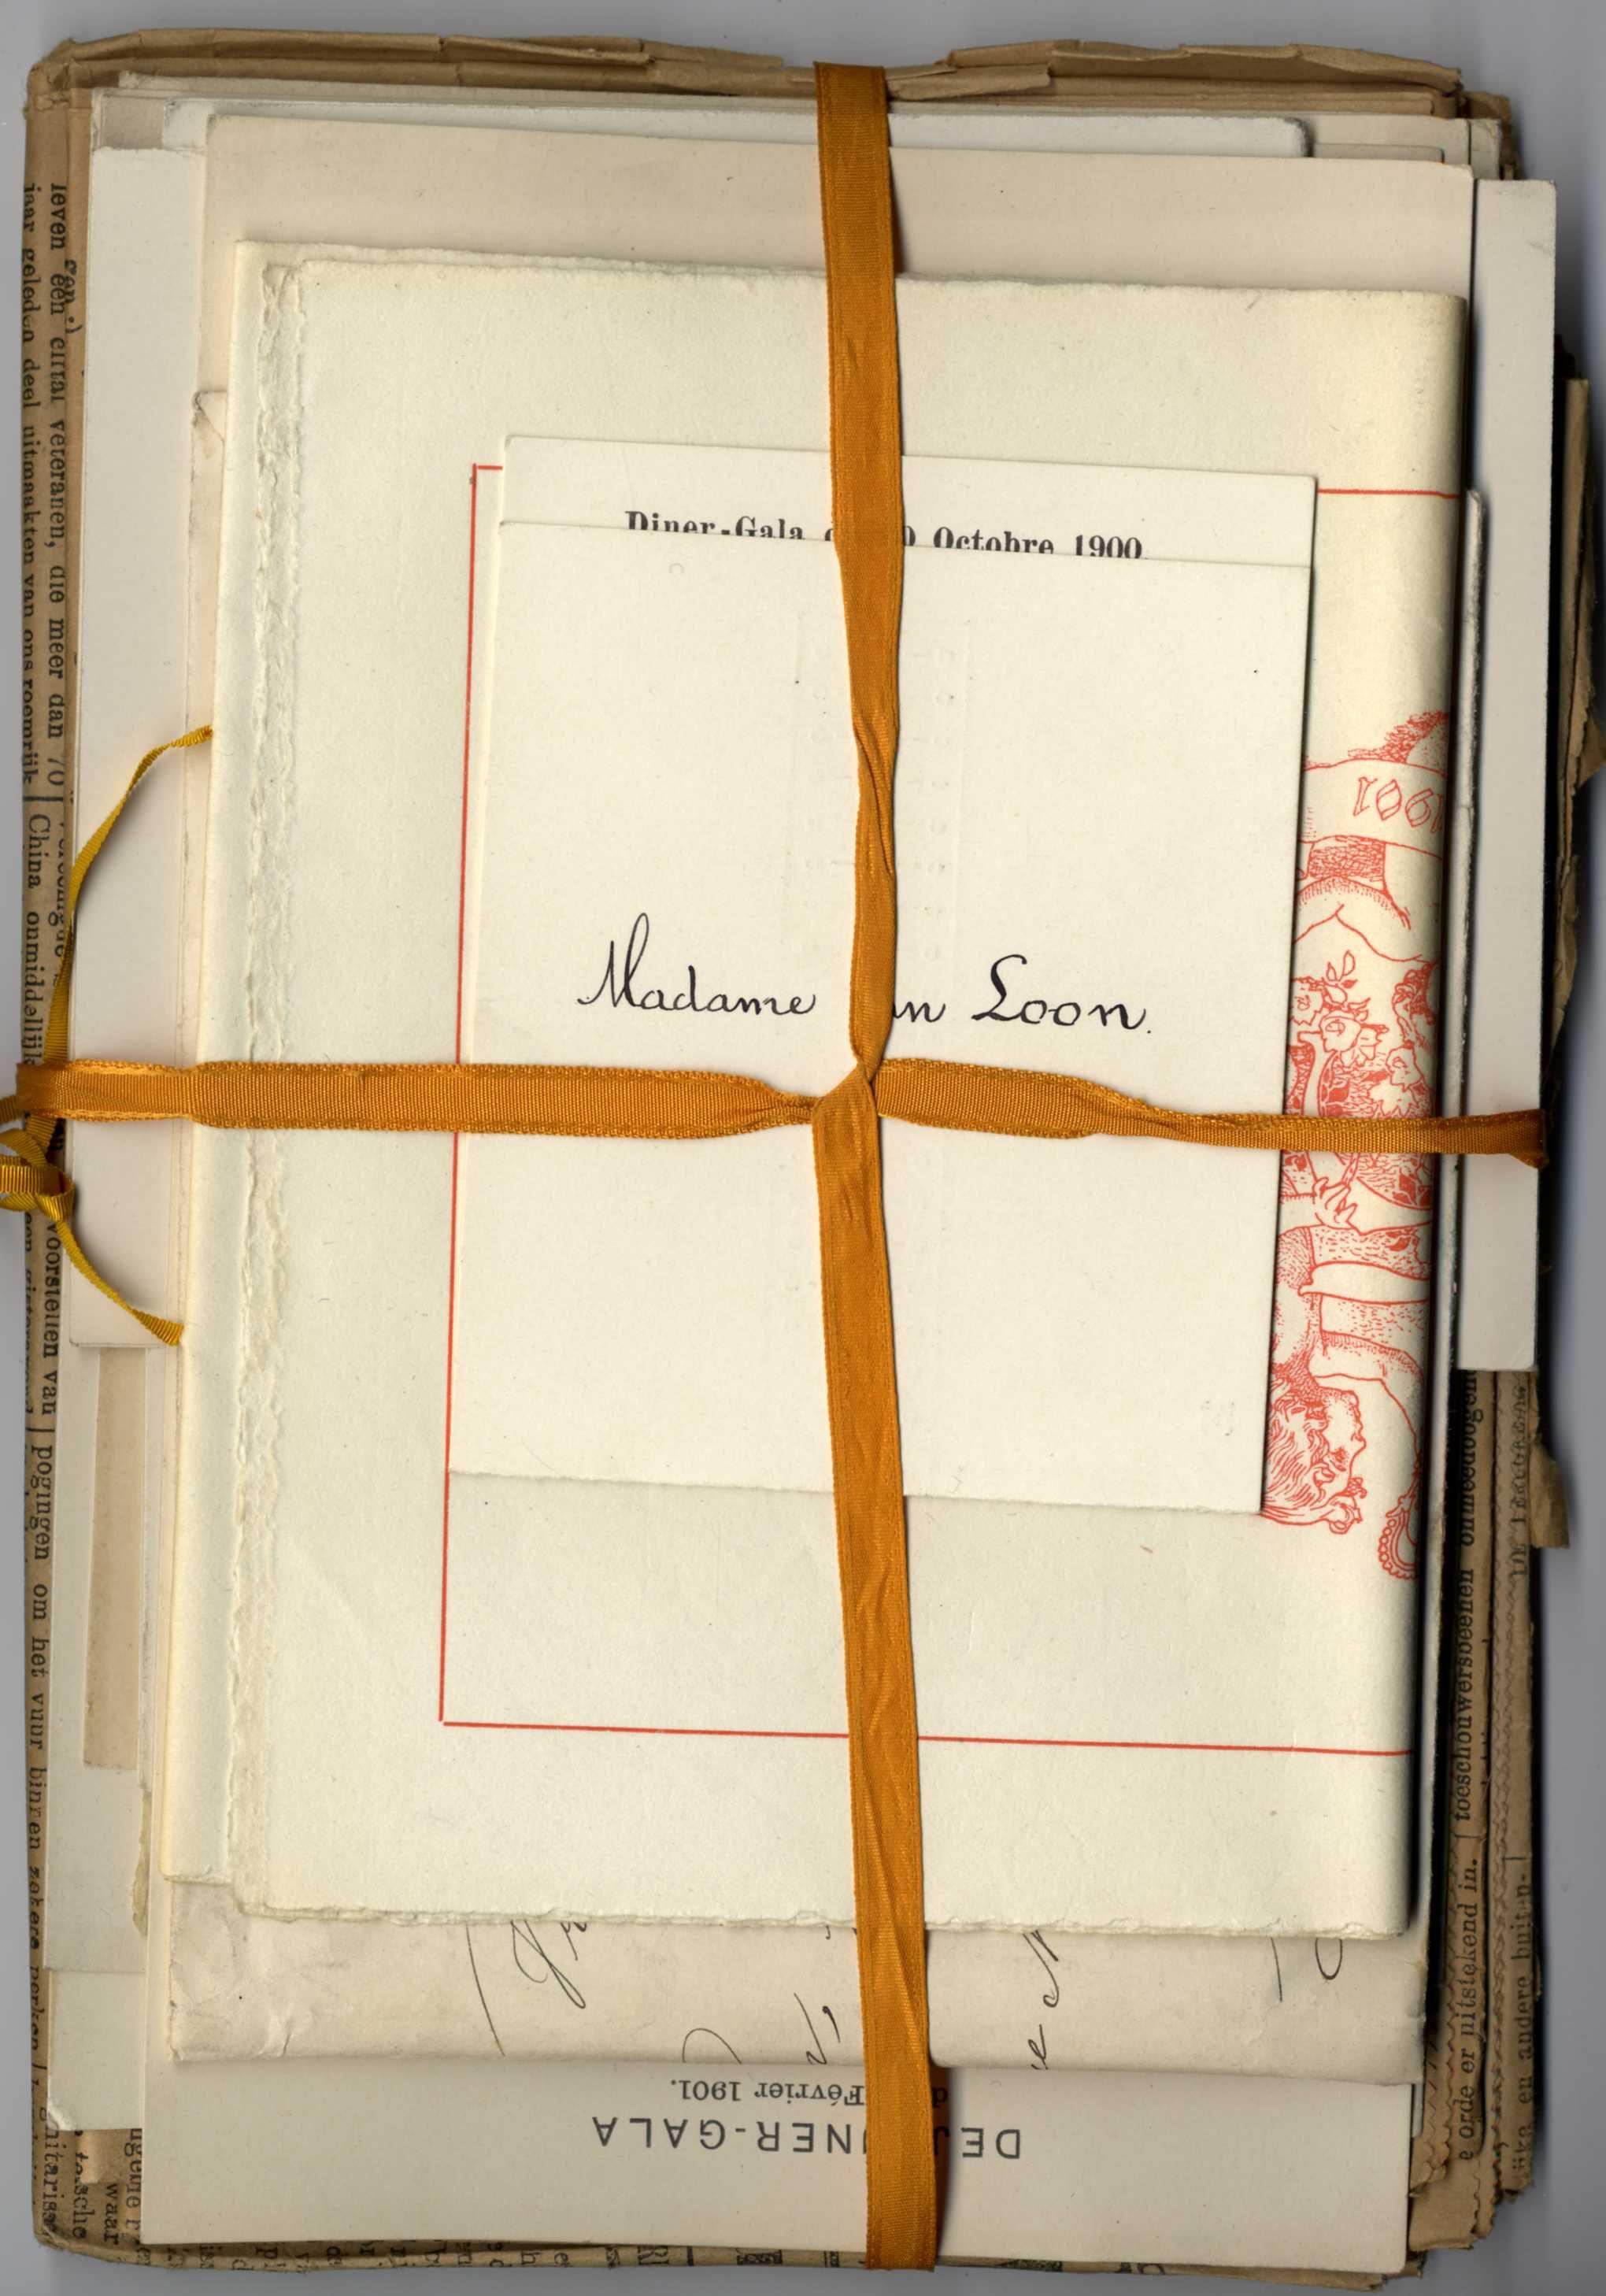 Gebundelde knipsels en uitnodigingen van mevrouw Van Loon-Egidius